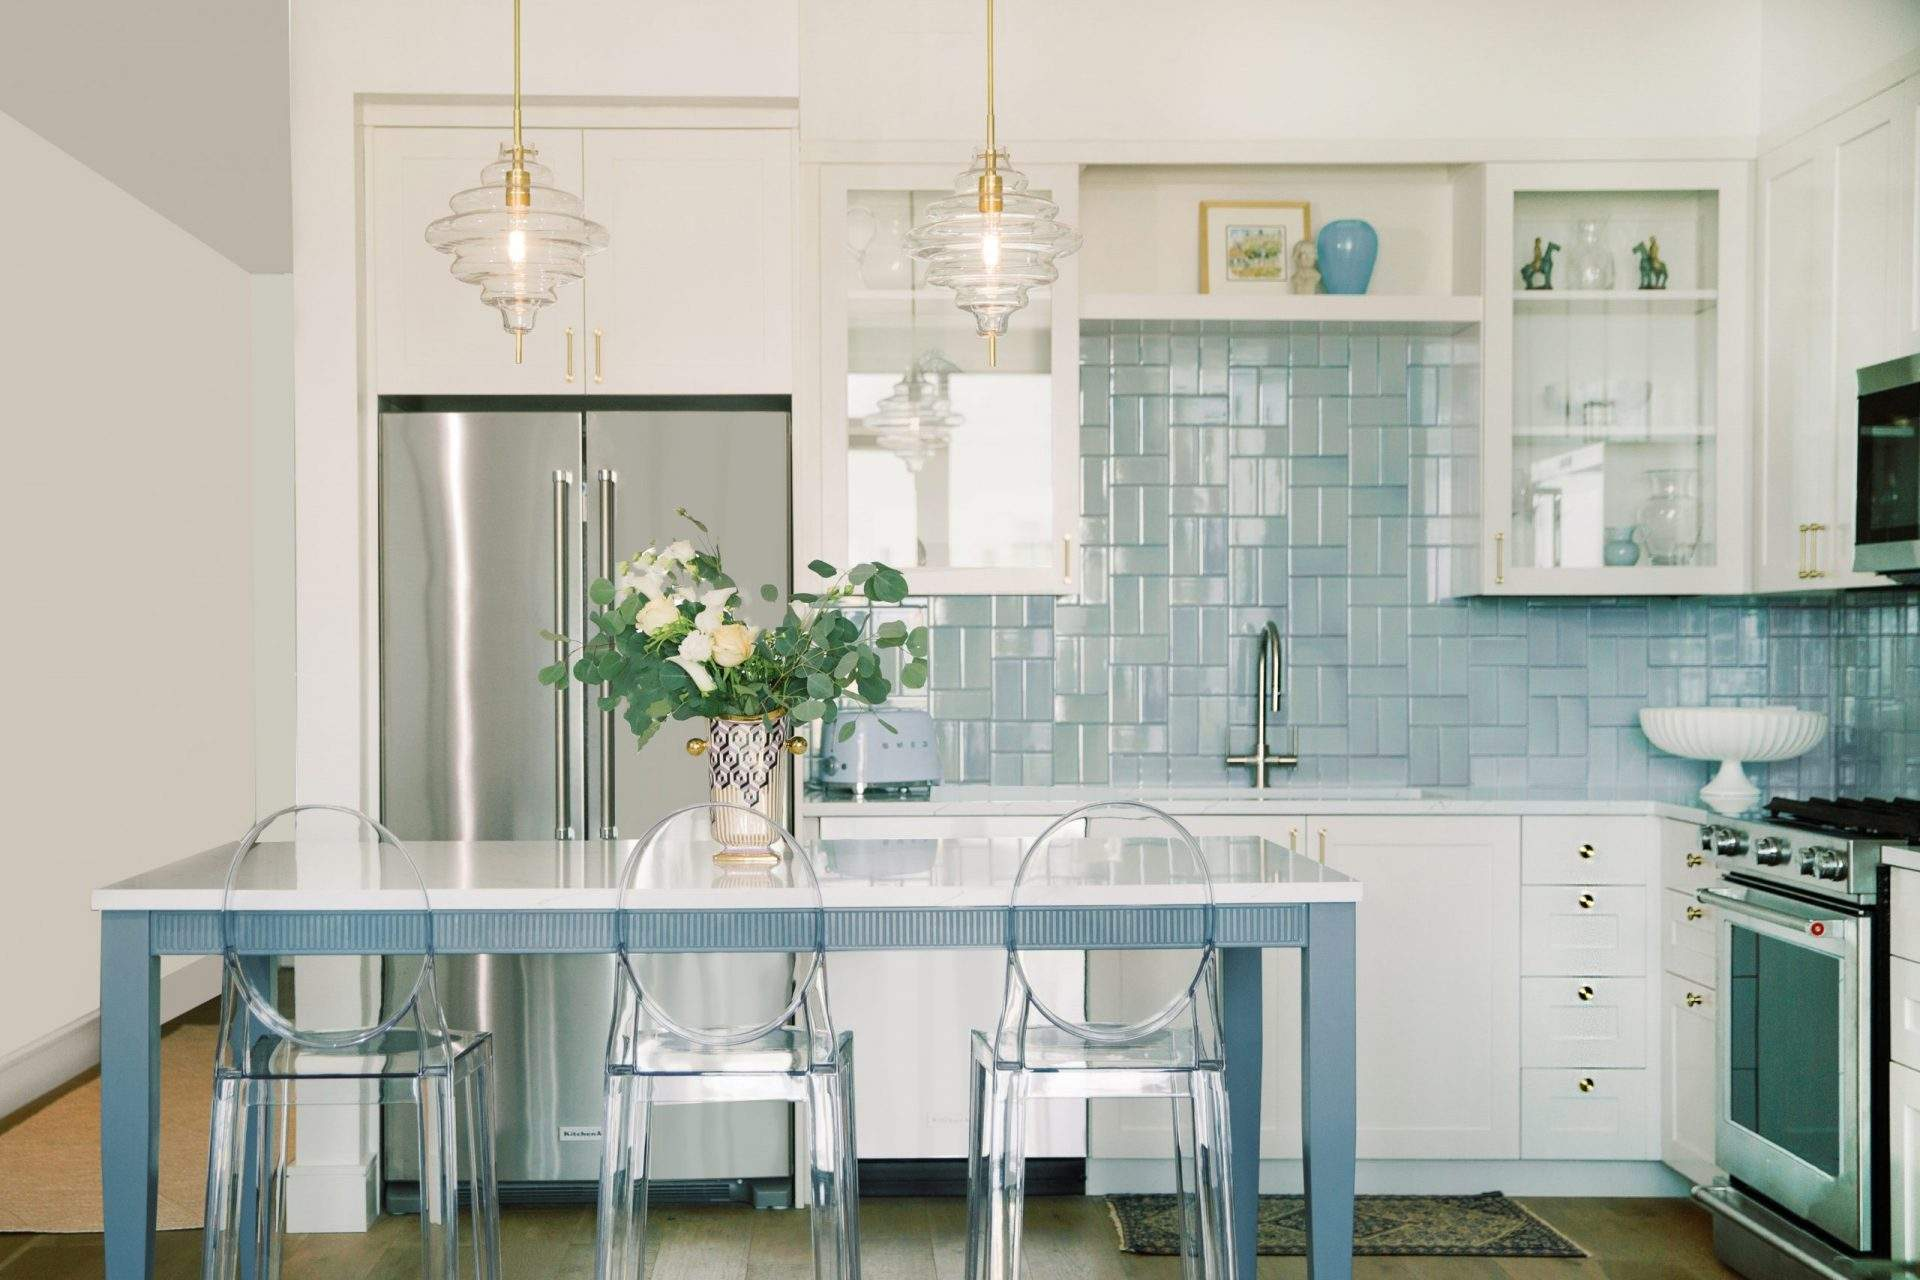 Kitchen Interior Design, Blue and White Kitchen Makeover, Etch Interior Design, Austin, Texas